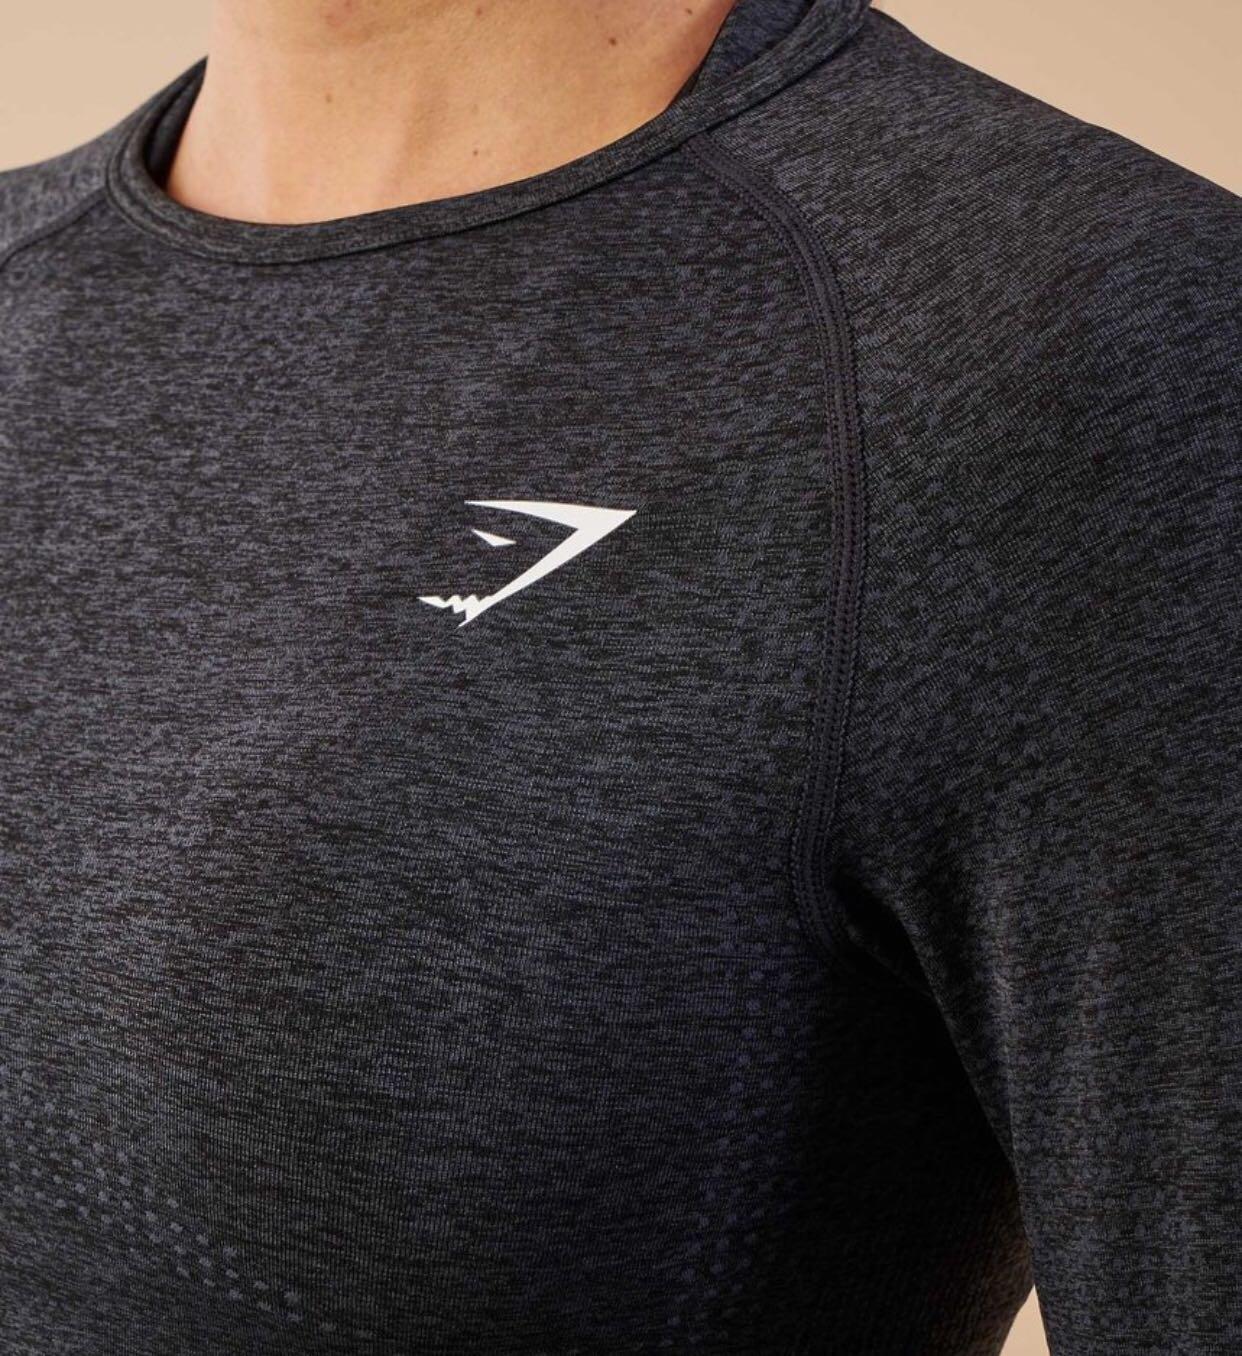 f882abedee5fd Gymshark Vital Seamless Long Sleeves Tee-Shirt